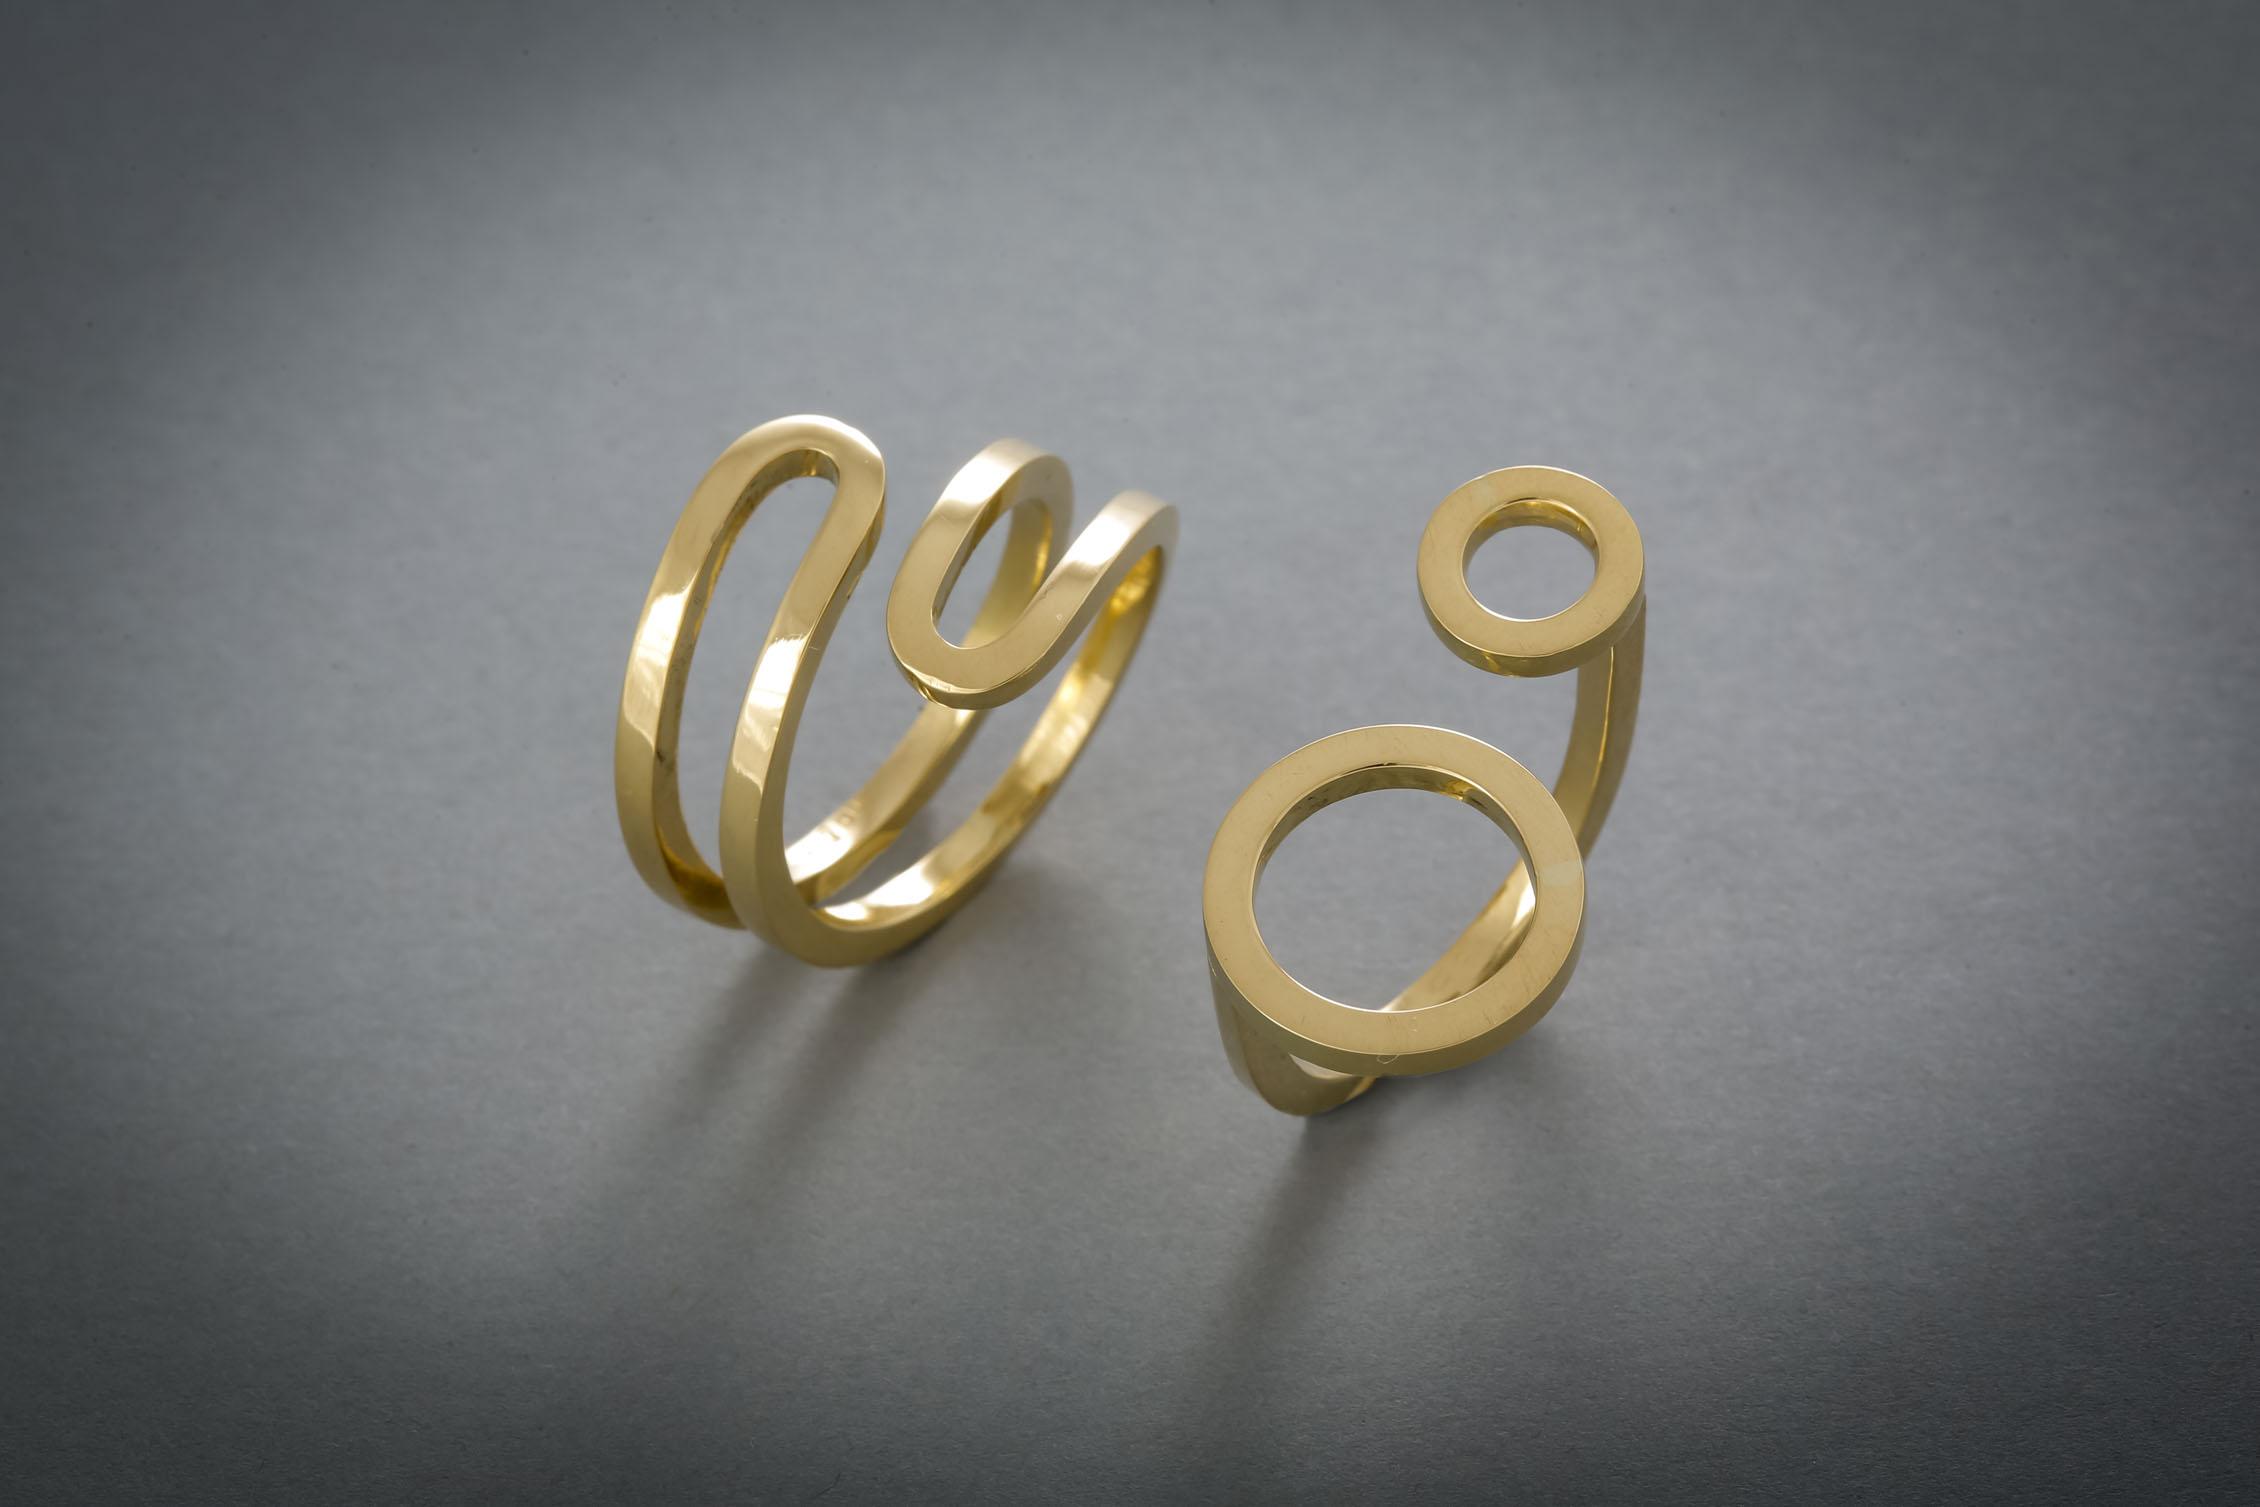 101 Goldring € 848,- Goldring, zwei Kreise € 688,-